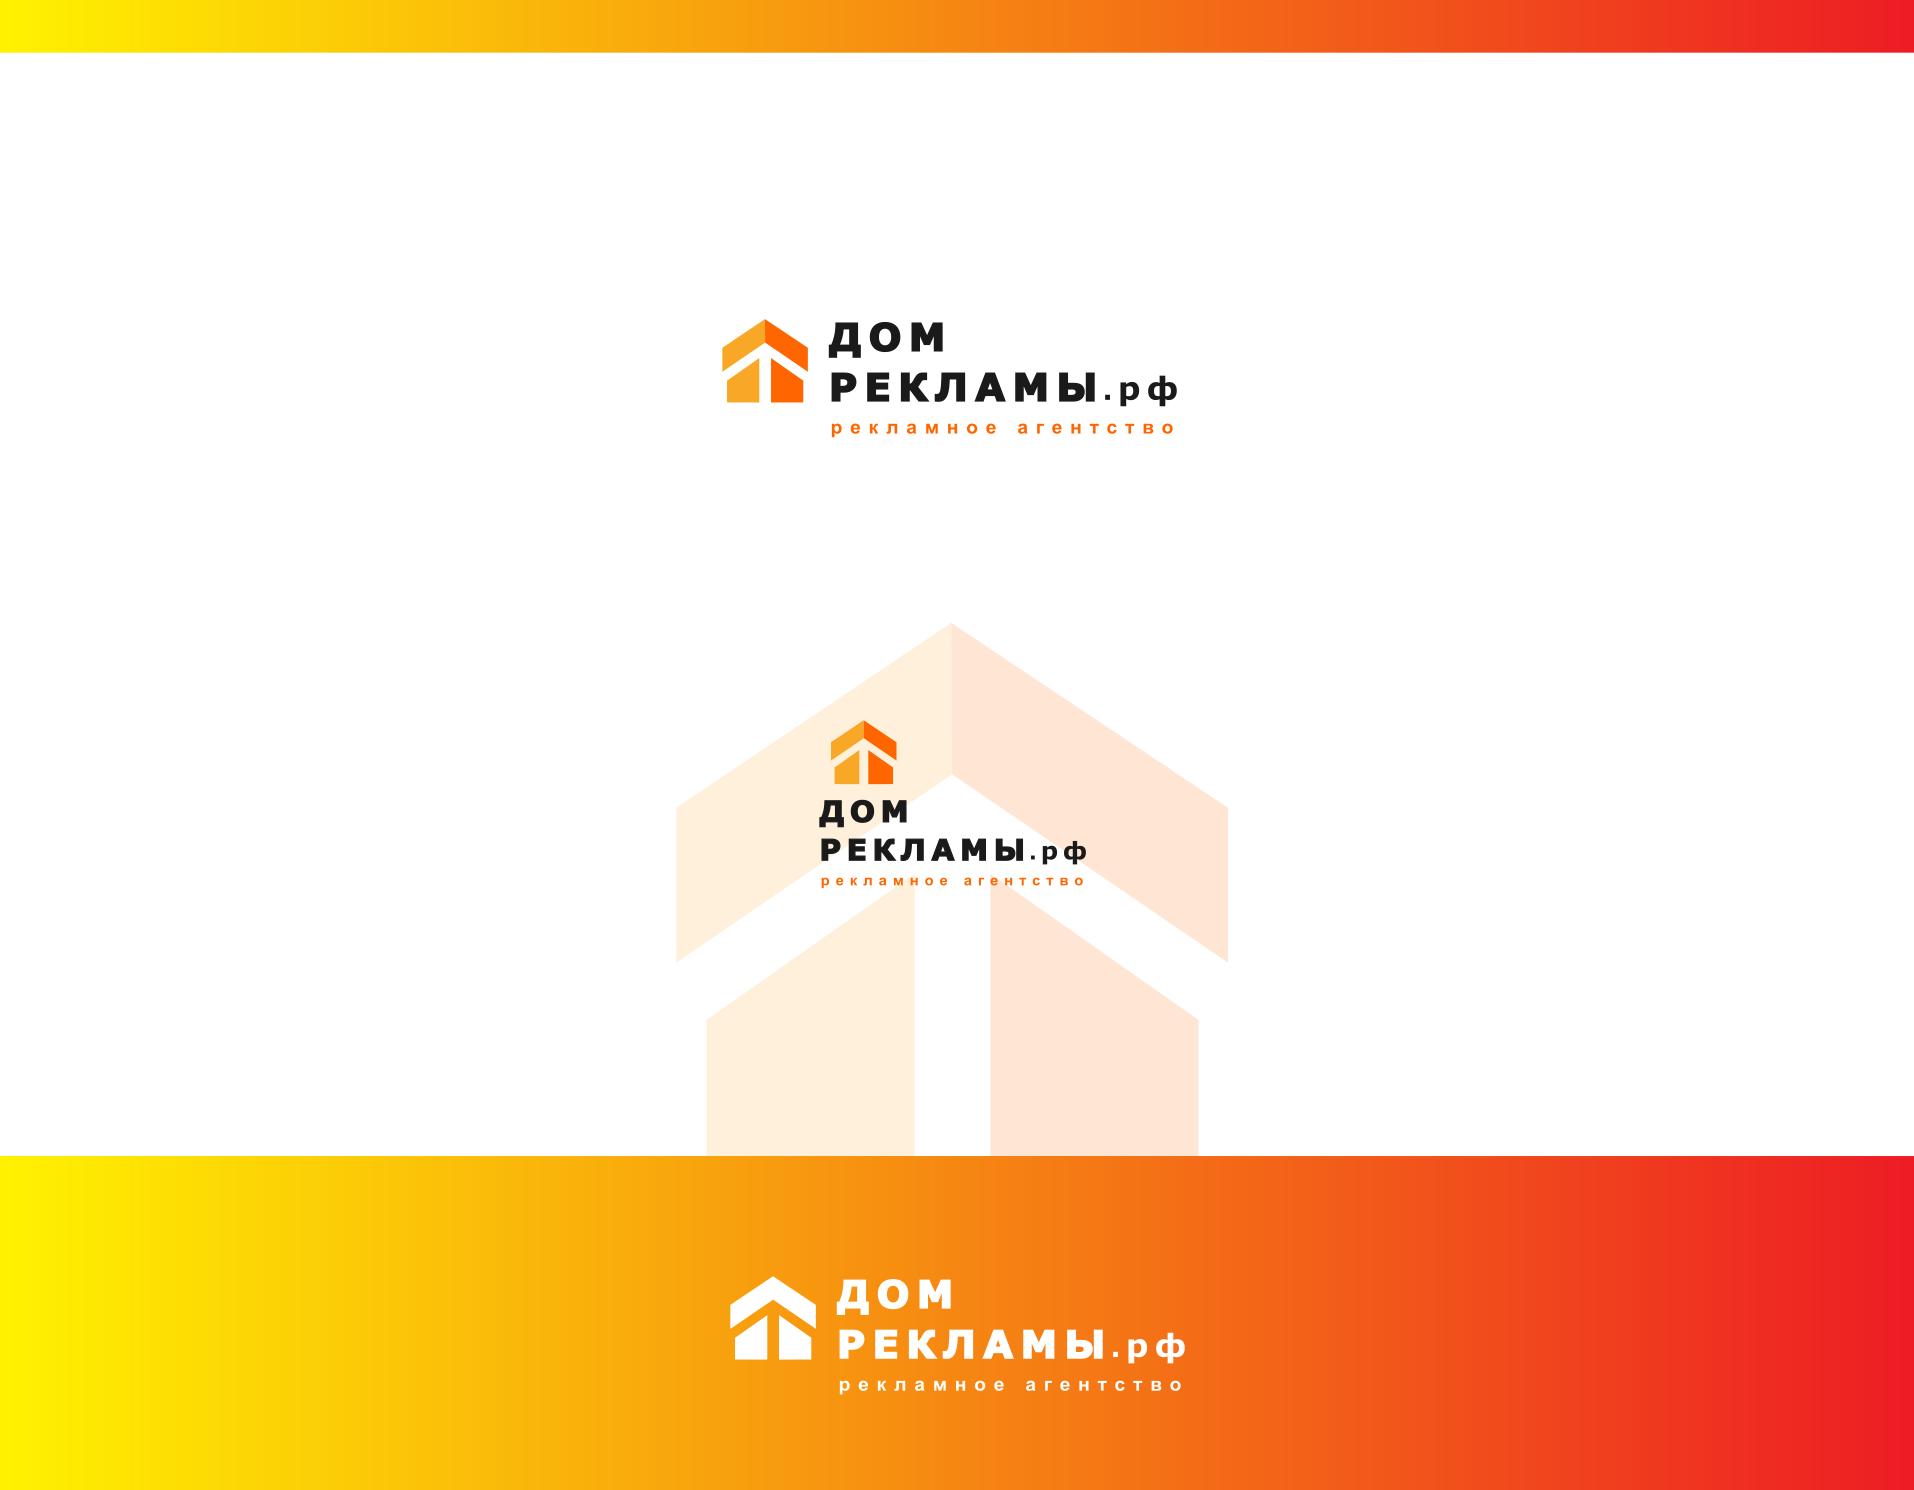 Дизайн логотипа рекламно-производственной компании фото f_9905eda4d4185341.png